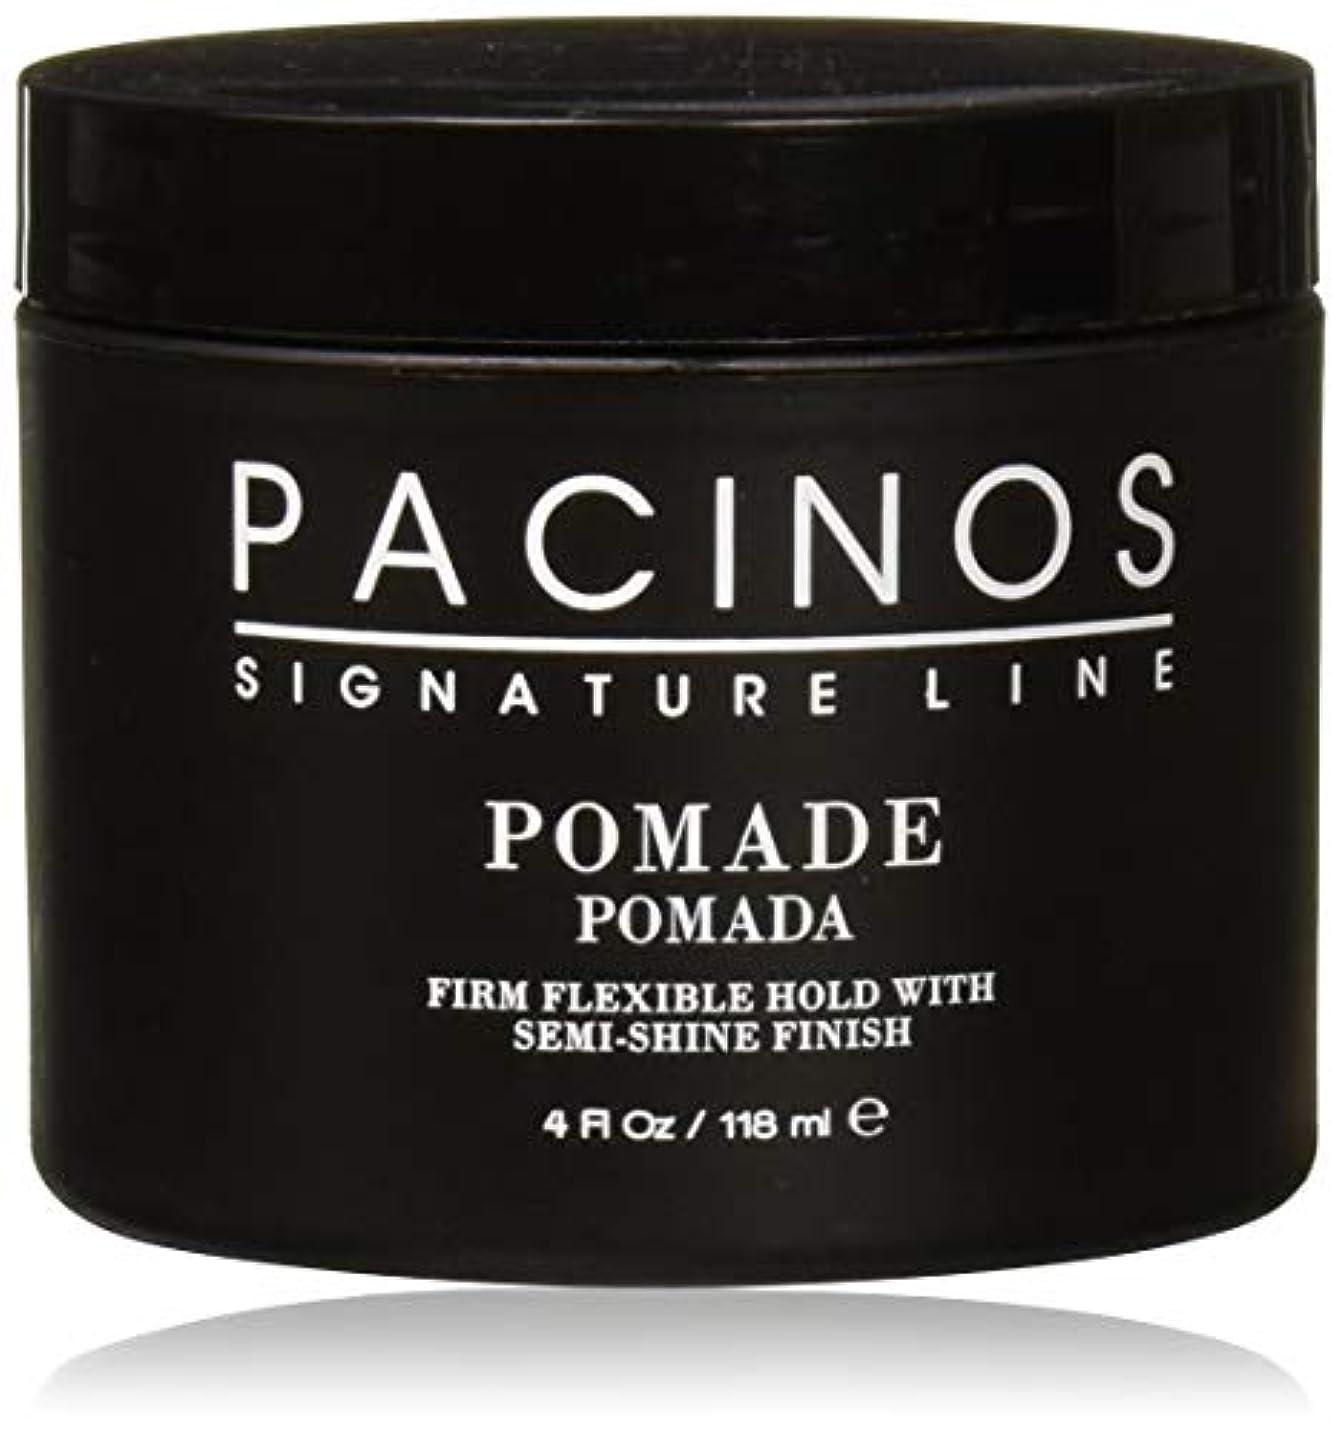 同化下手インゲンPacinos Pomade パチーノス?ポマード【日本正規品】4oz(118g)